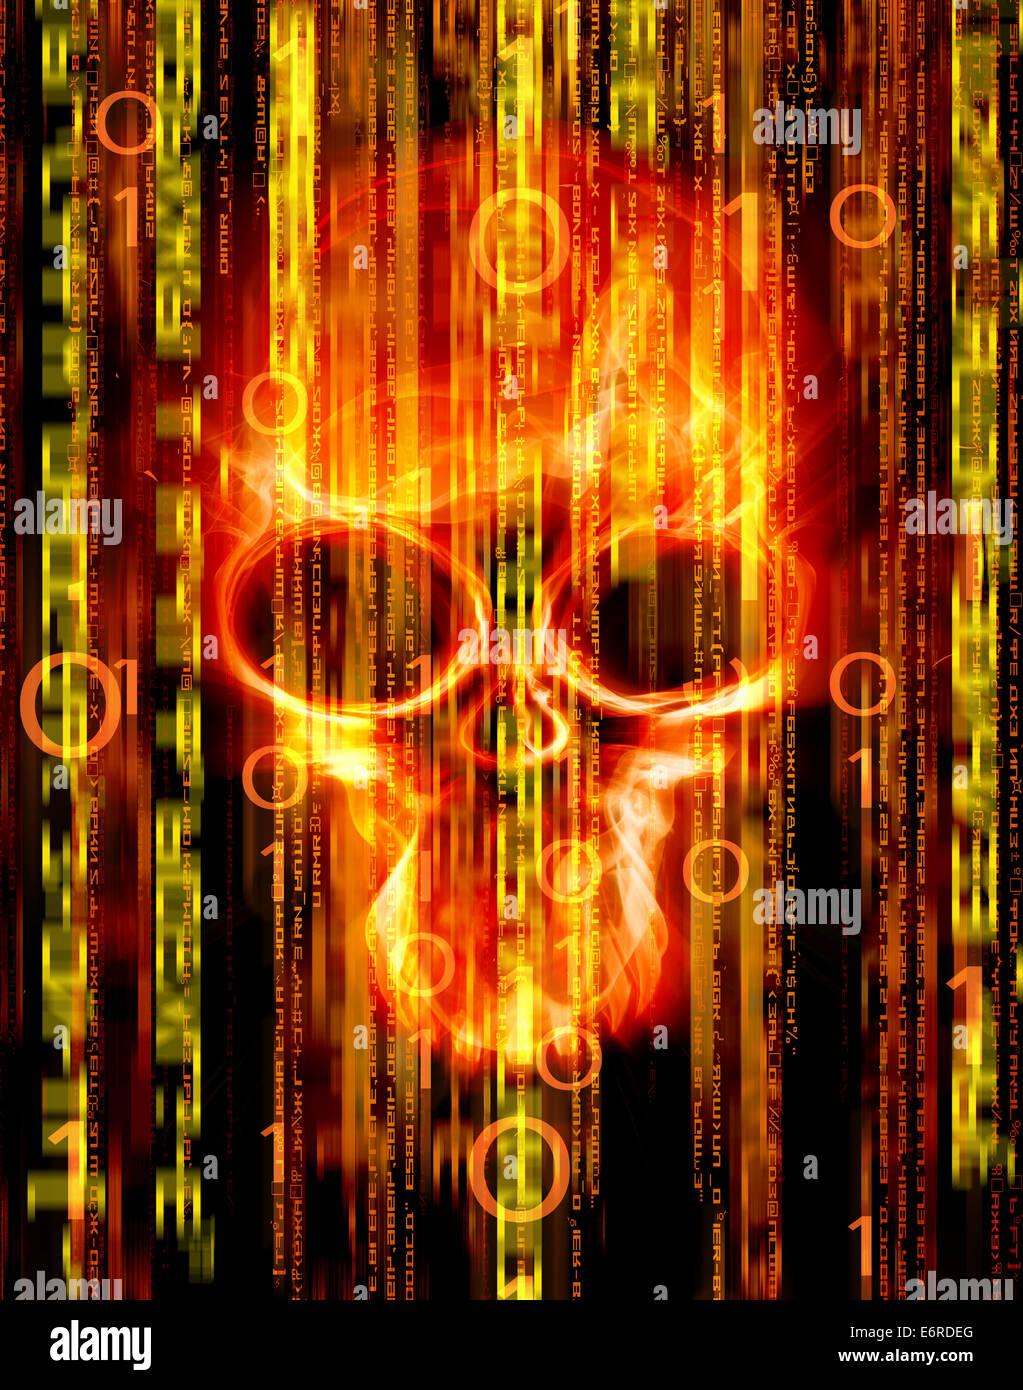 Resumen Antecedentes digital con craneo Imagen De Stock